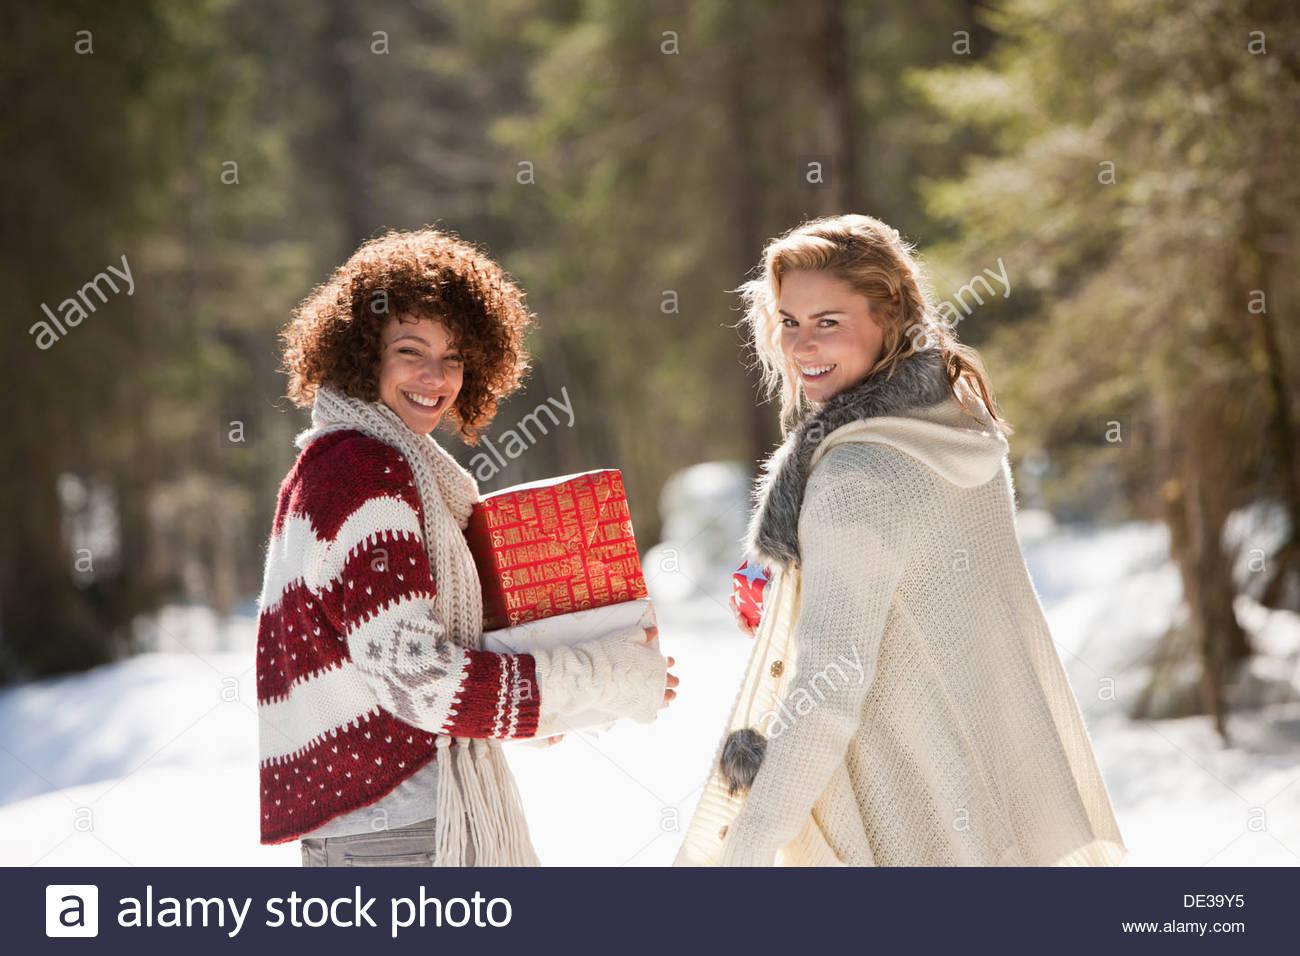 Deux femmes avec des dons à l'extérieur dans la neige Photo Stock